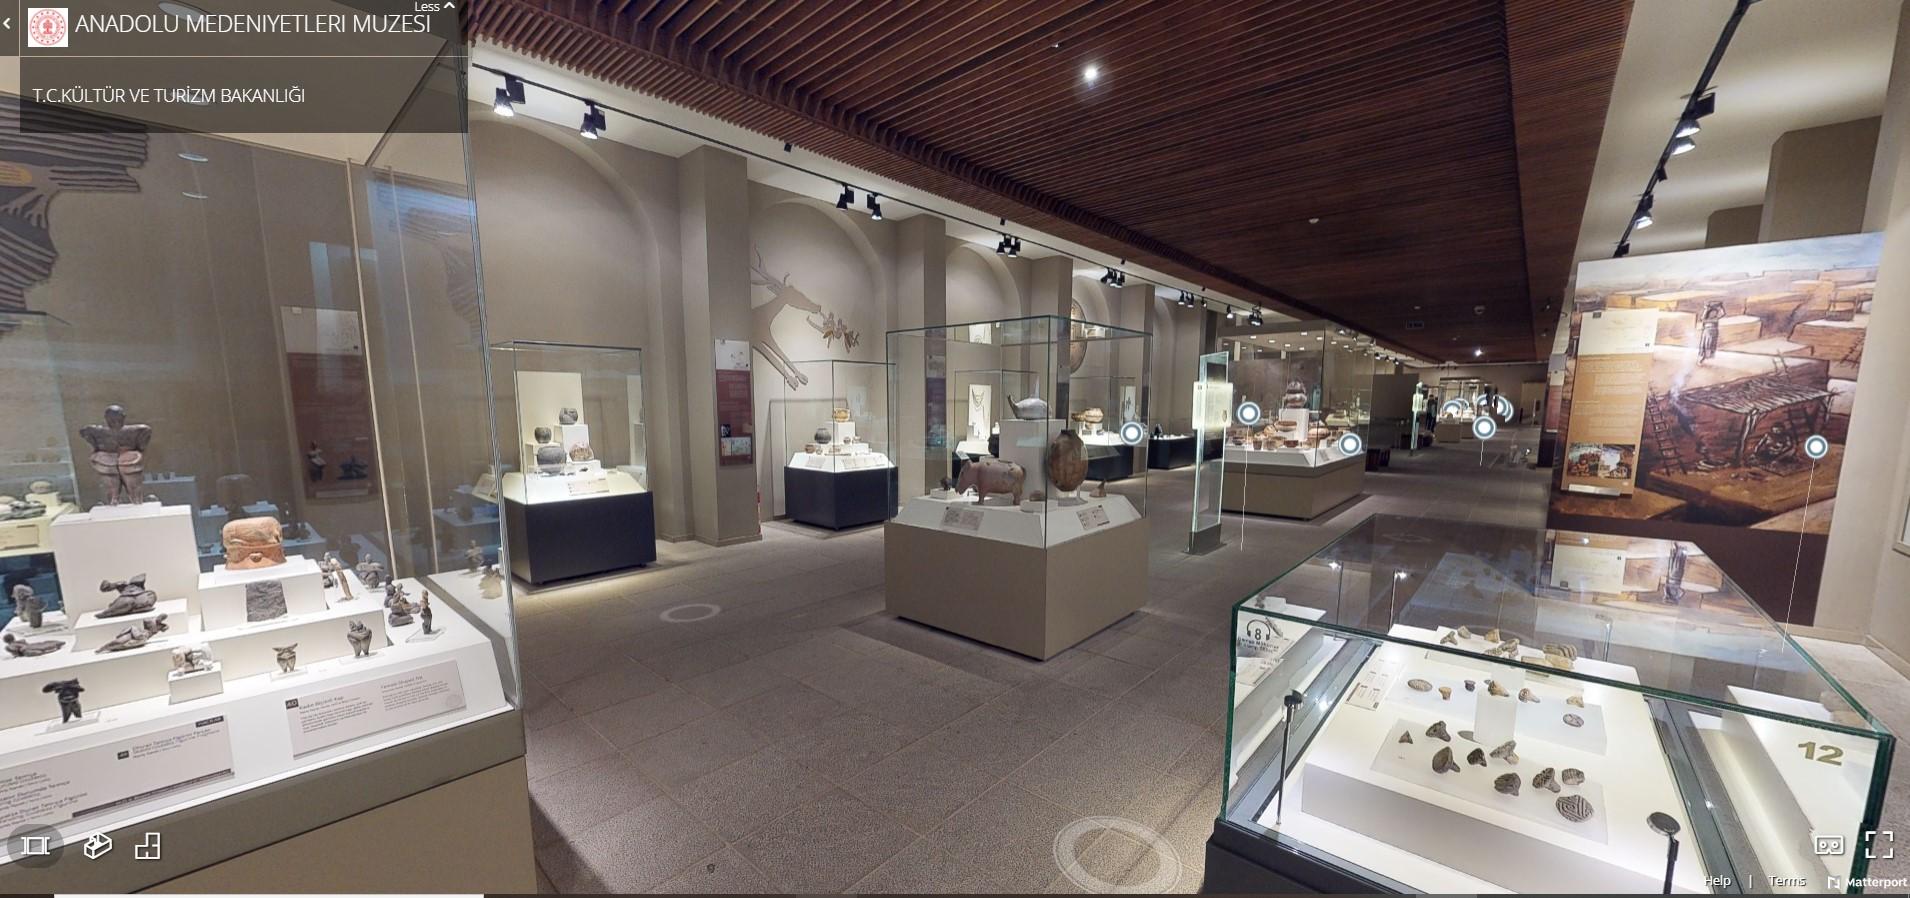 Anatolian Civilizations Museum (2)